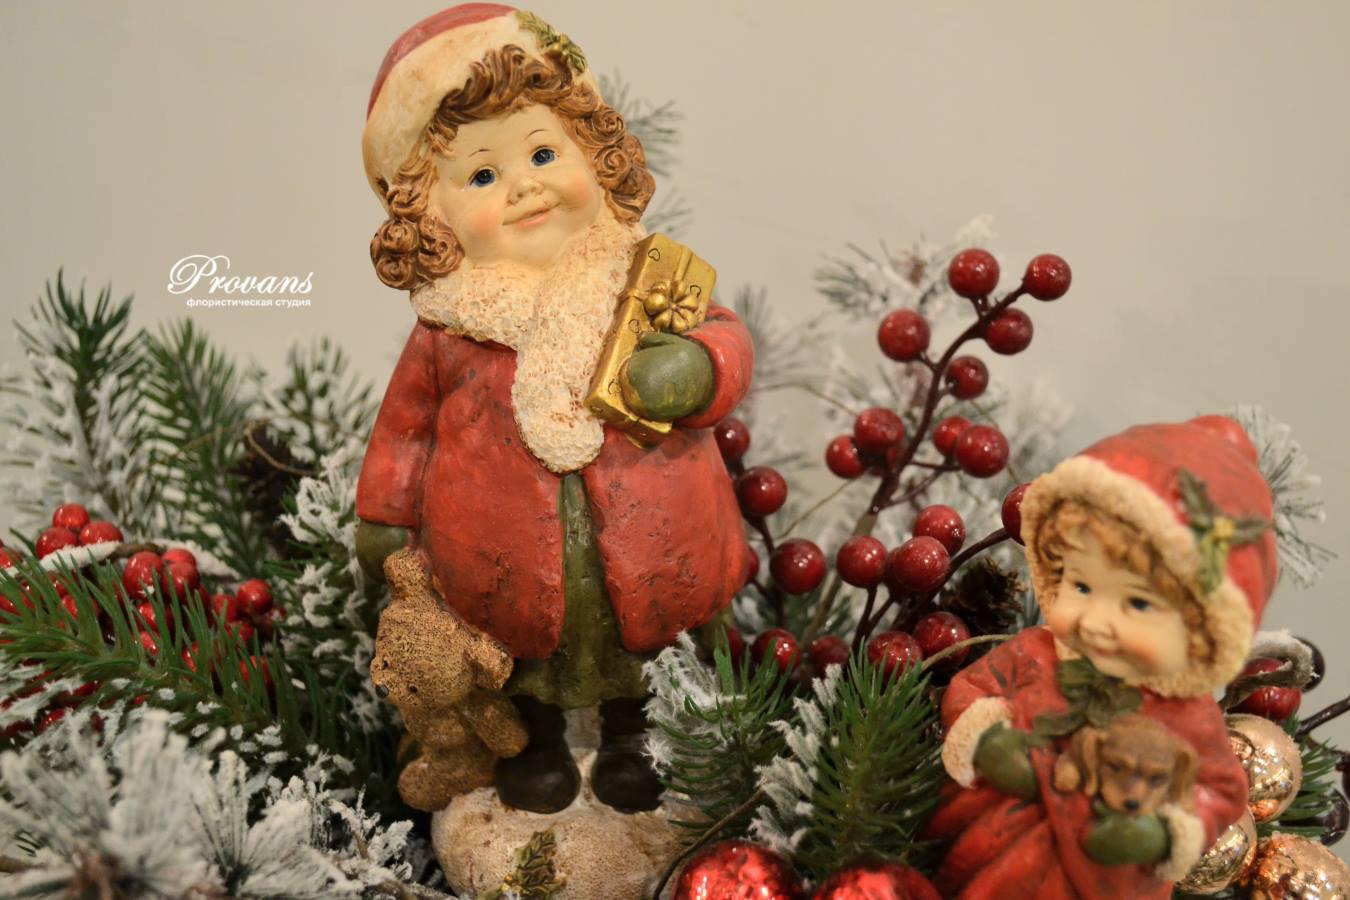 Рождественская композиция из искусственной ели со снегом